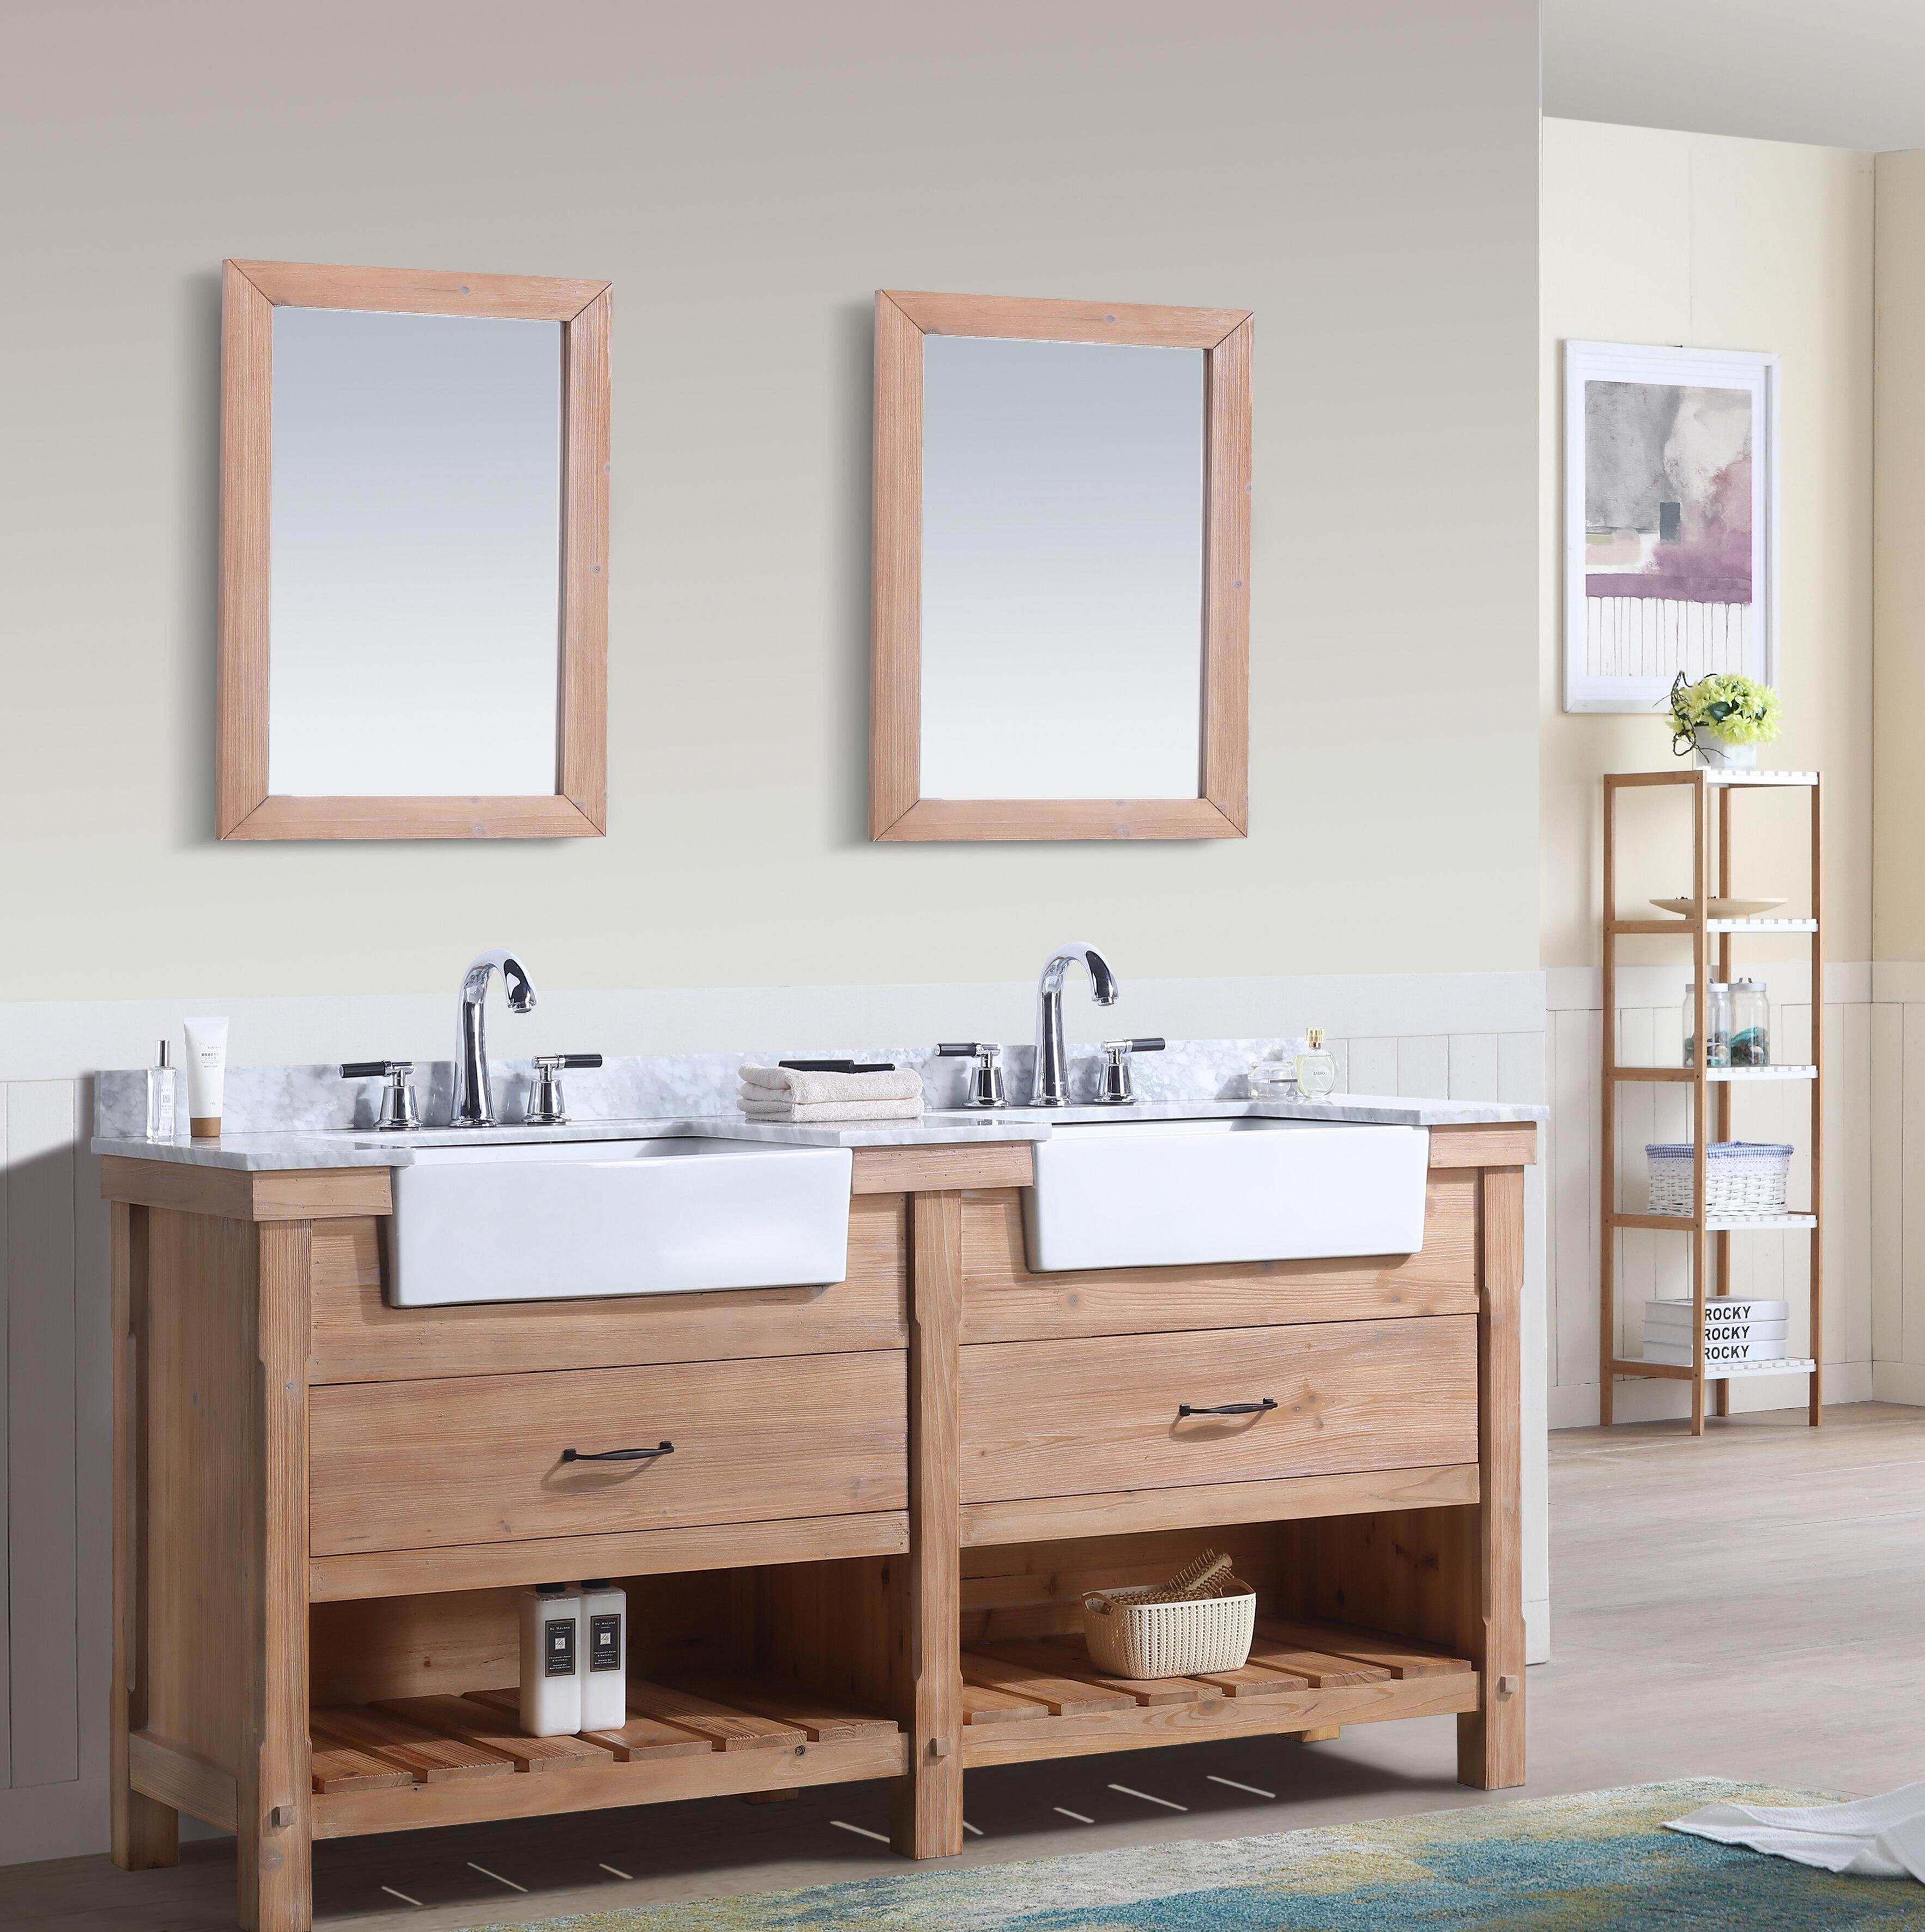 Three Posts Kordell 72 Double Bathroom Vanity Set Reviews Wayfair